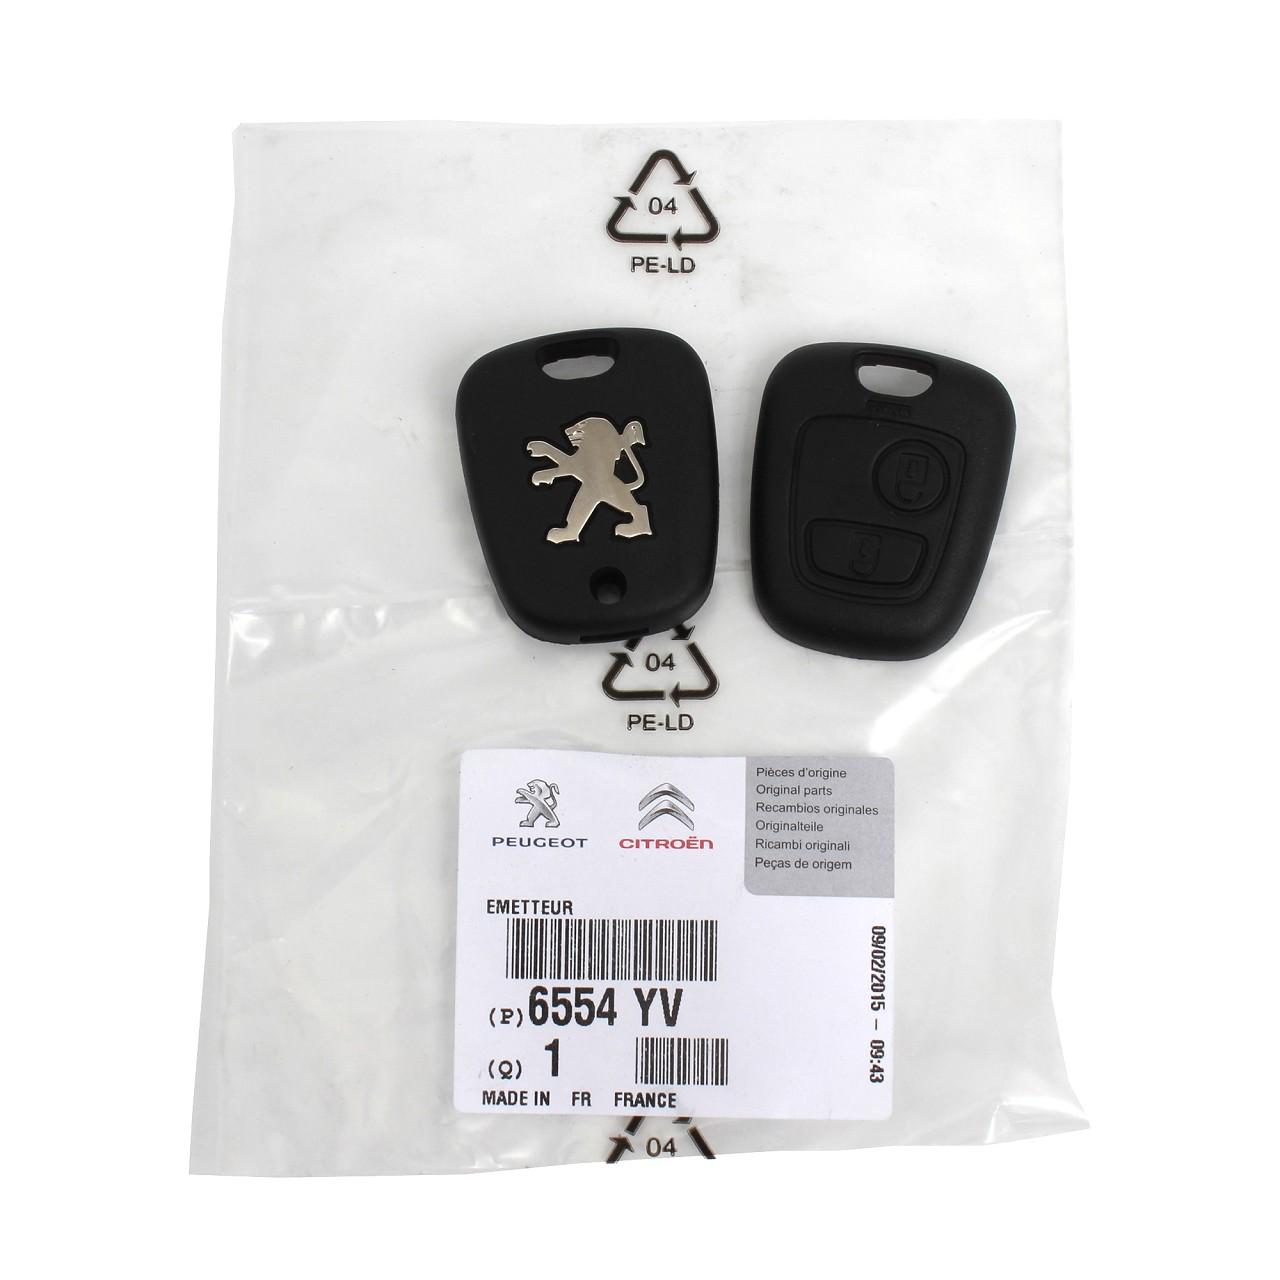 ORIGINAL Peugeot Sender Funkfernbedienung Fernbedienung 2-Tasten 6554.YV